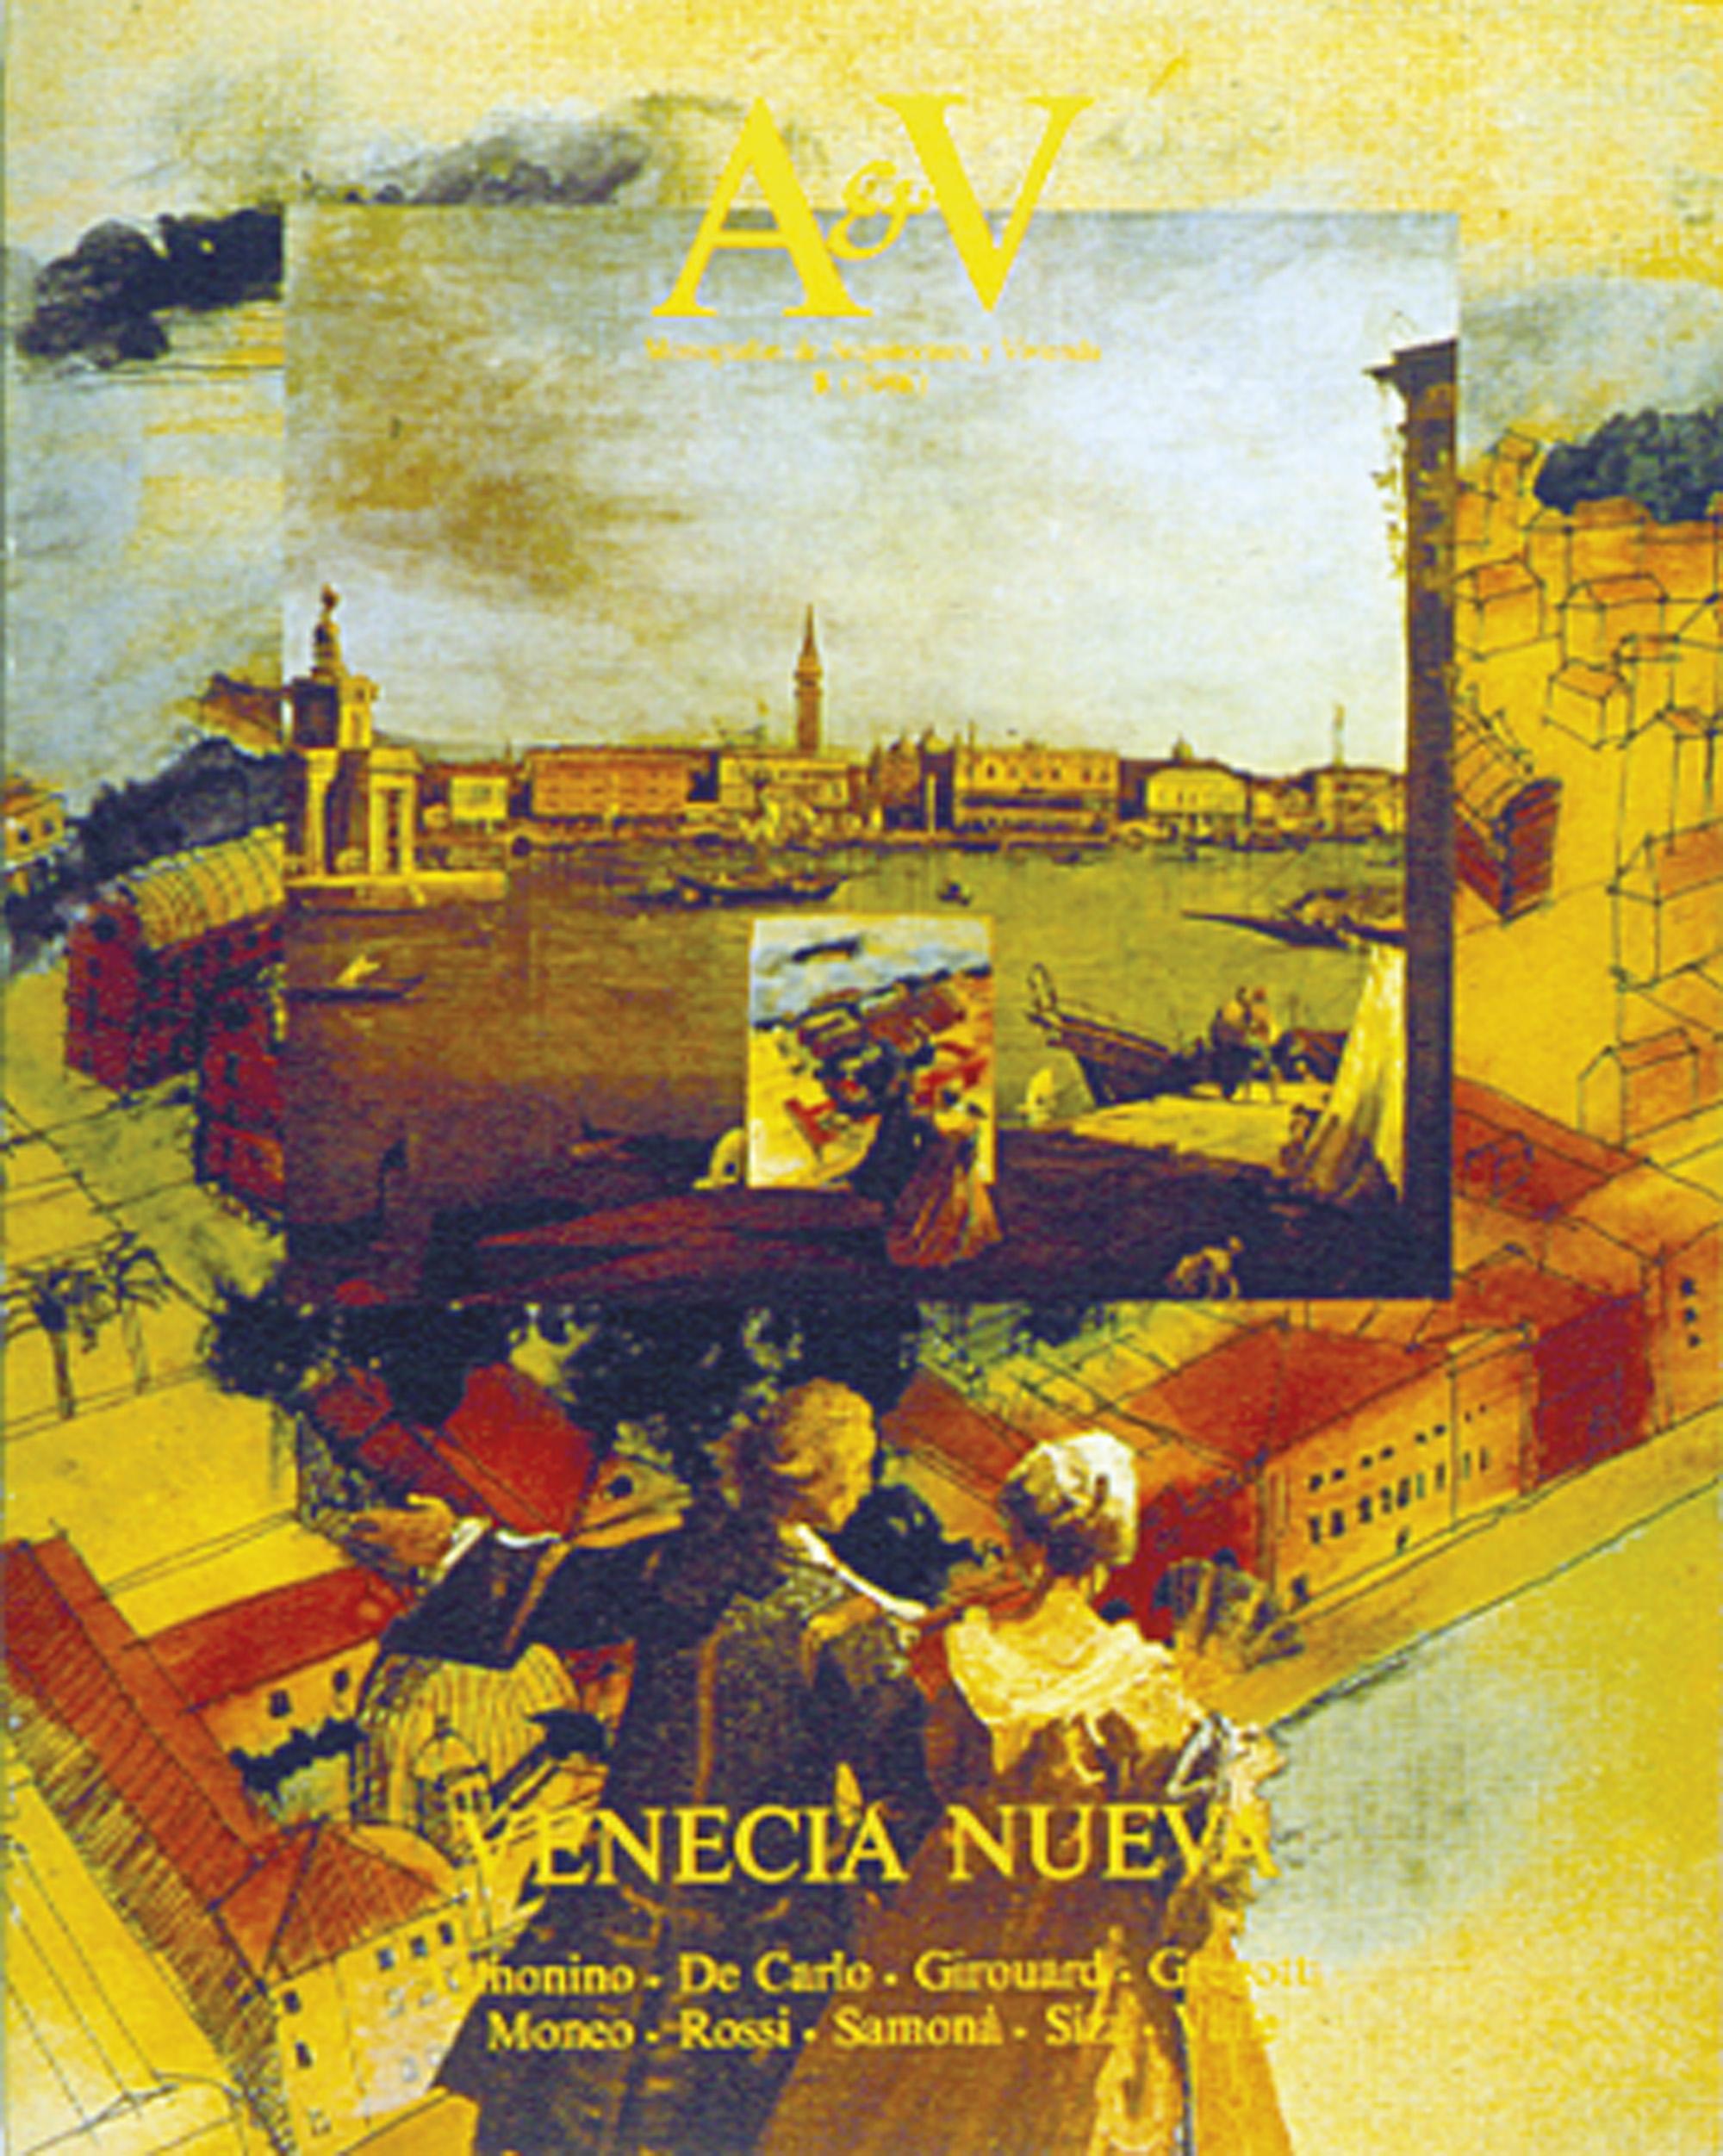 Venecia nueva